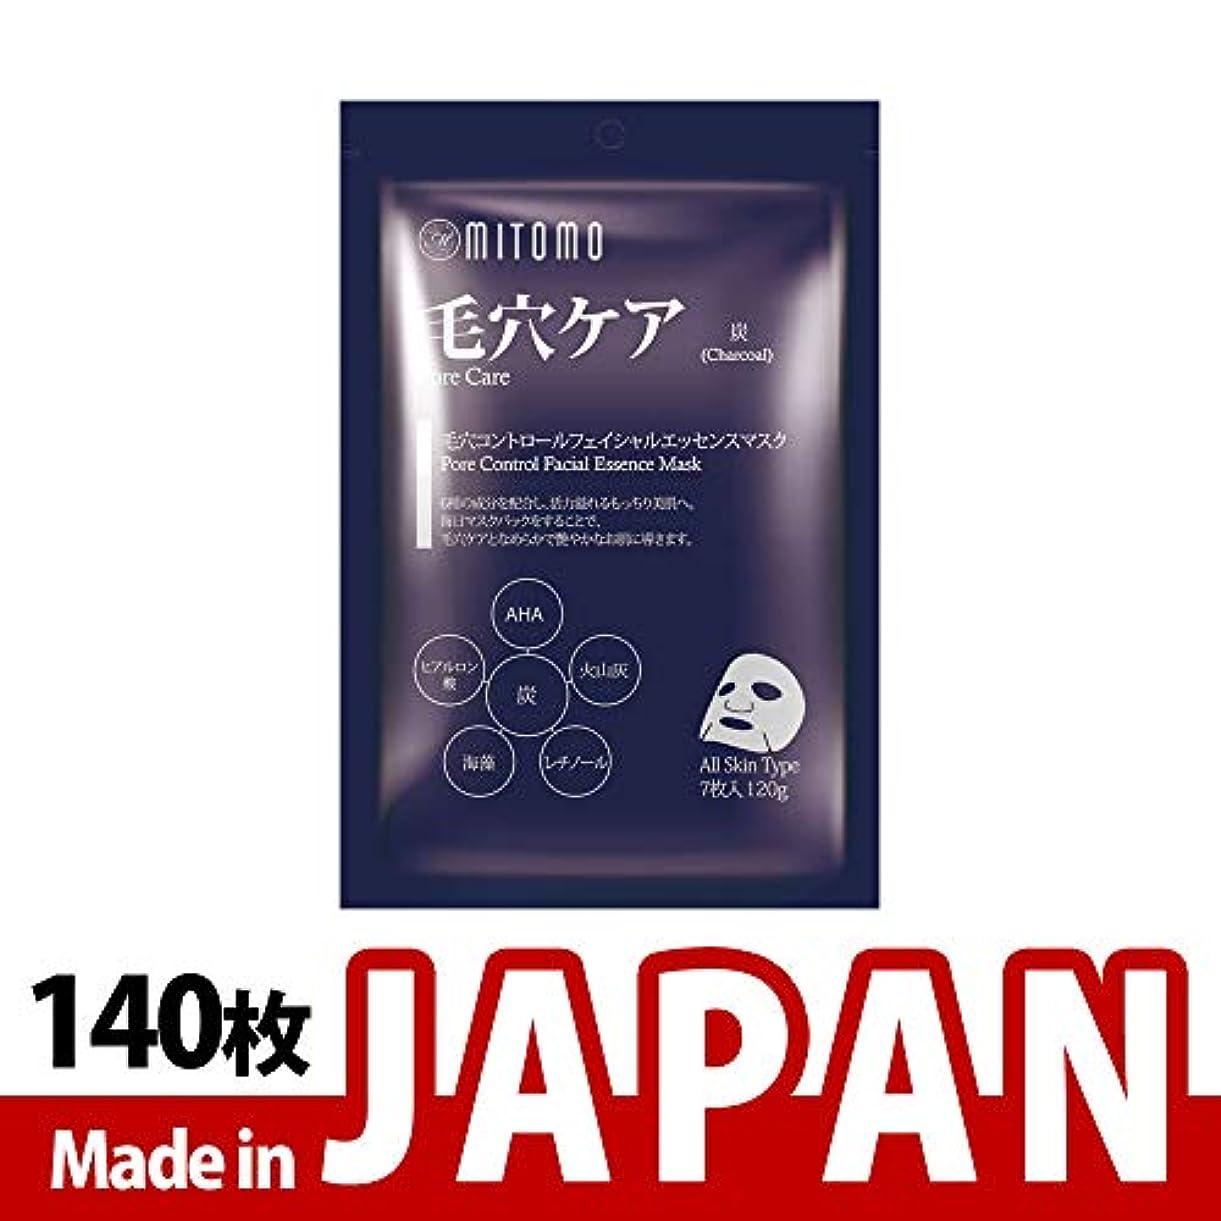 どちらか劇作家ランダム【MT101-C-3】MITOMO日本製シートマスク/7枚入り/140枚/美容液/マスクパック/送料無料